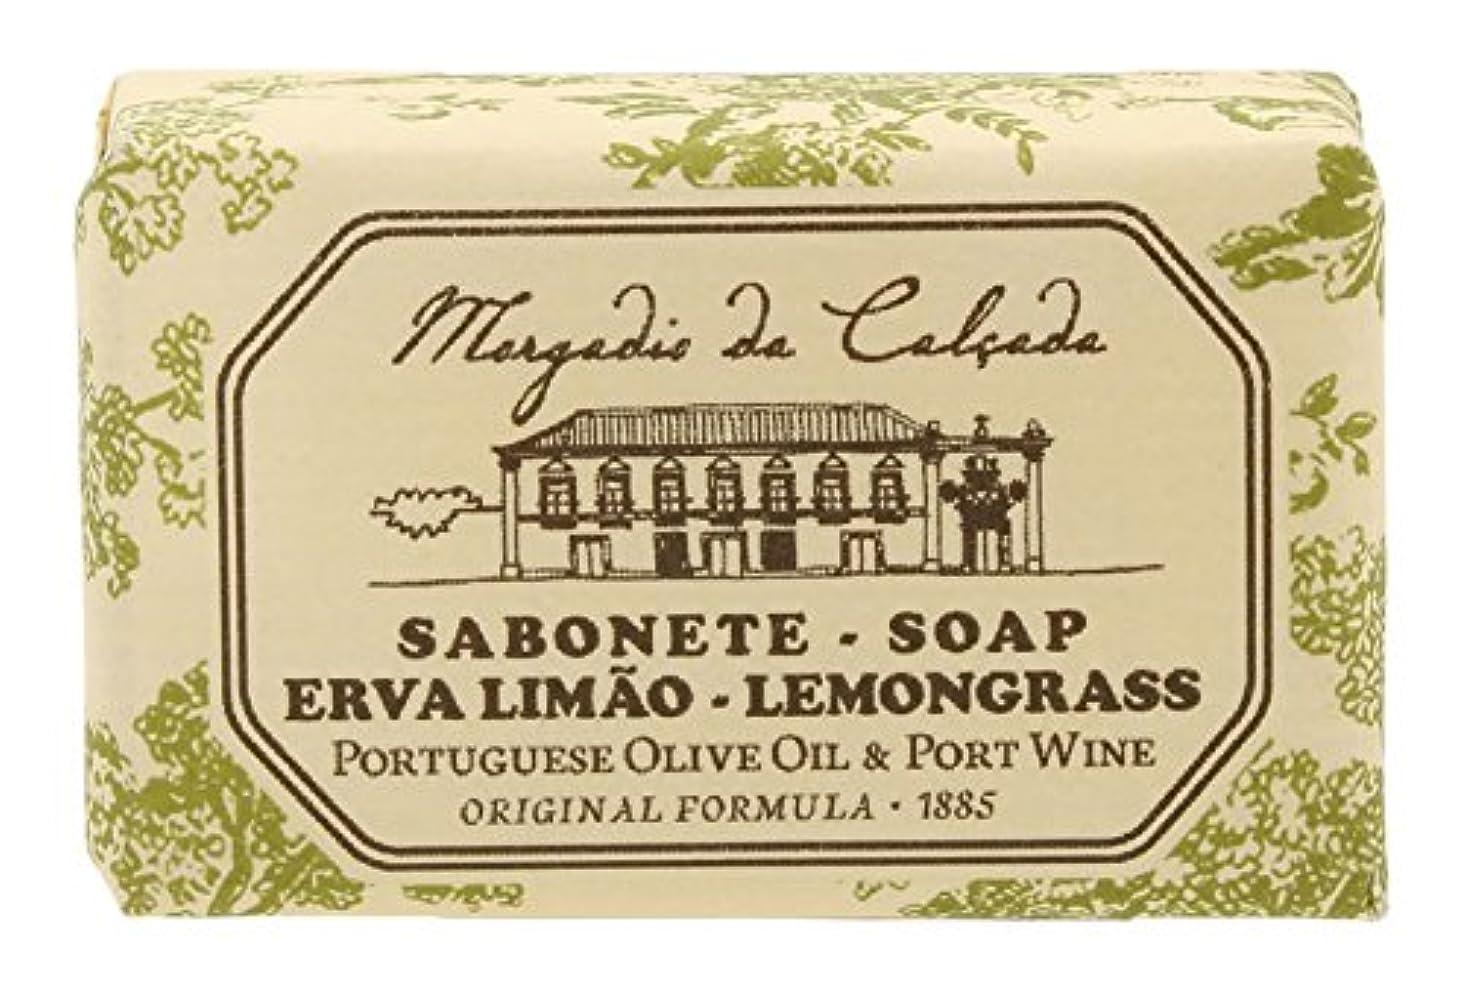 手数料遺伝的機知に富んだモルガディオ ダ カルサダ ソープ レモングラス 35g